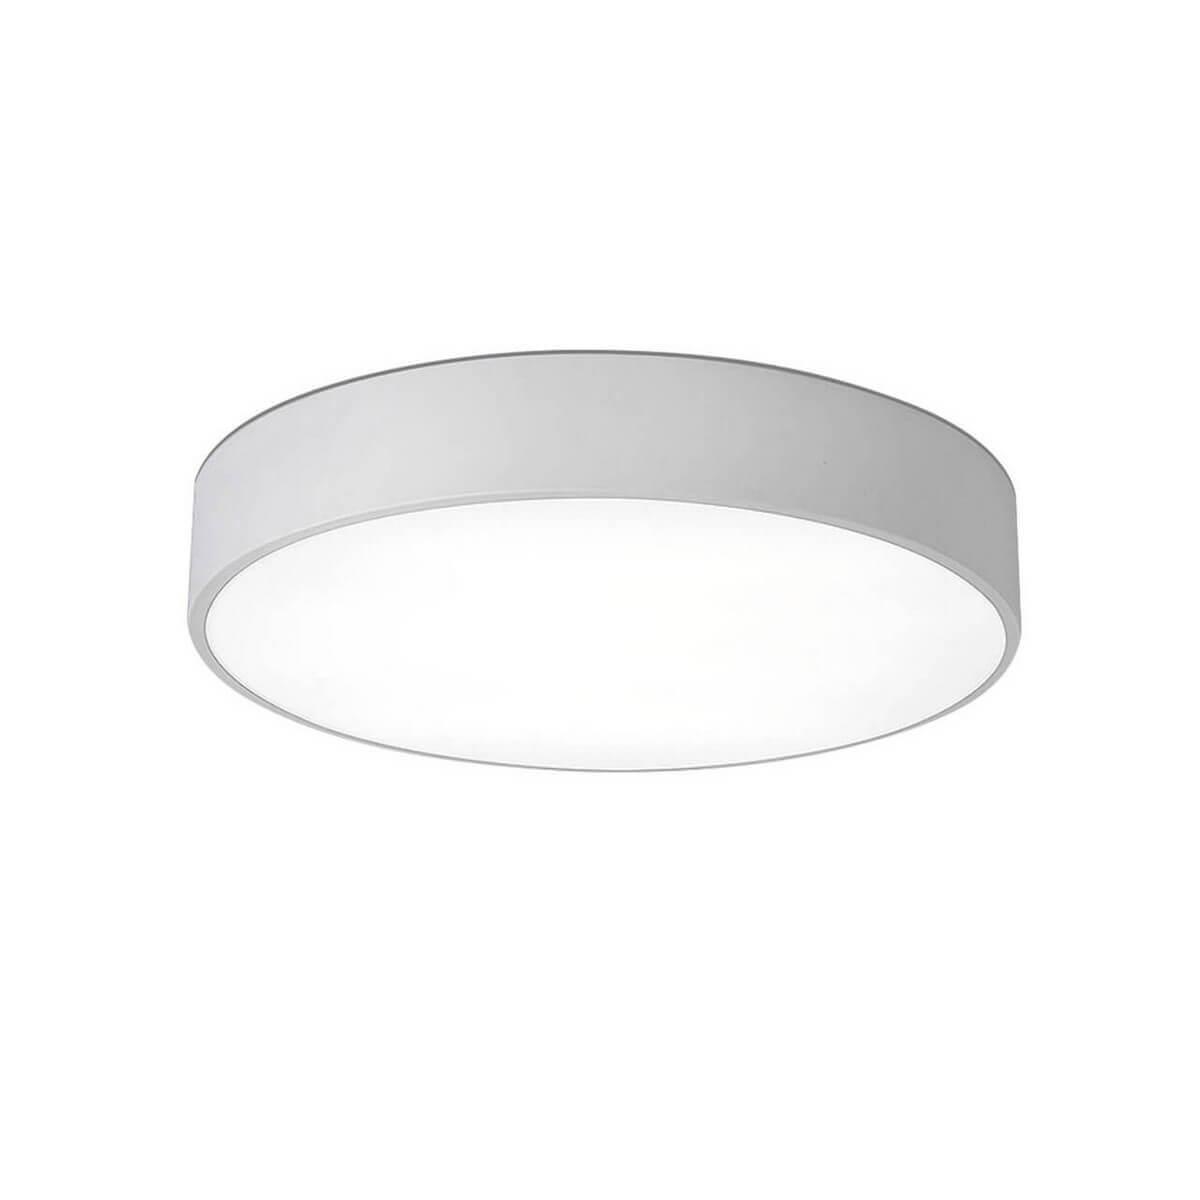 Потолочный светодиодный светильник Kink Light Медина 05440,01 потолочный светодиодный светильник kink light медина 05430 01